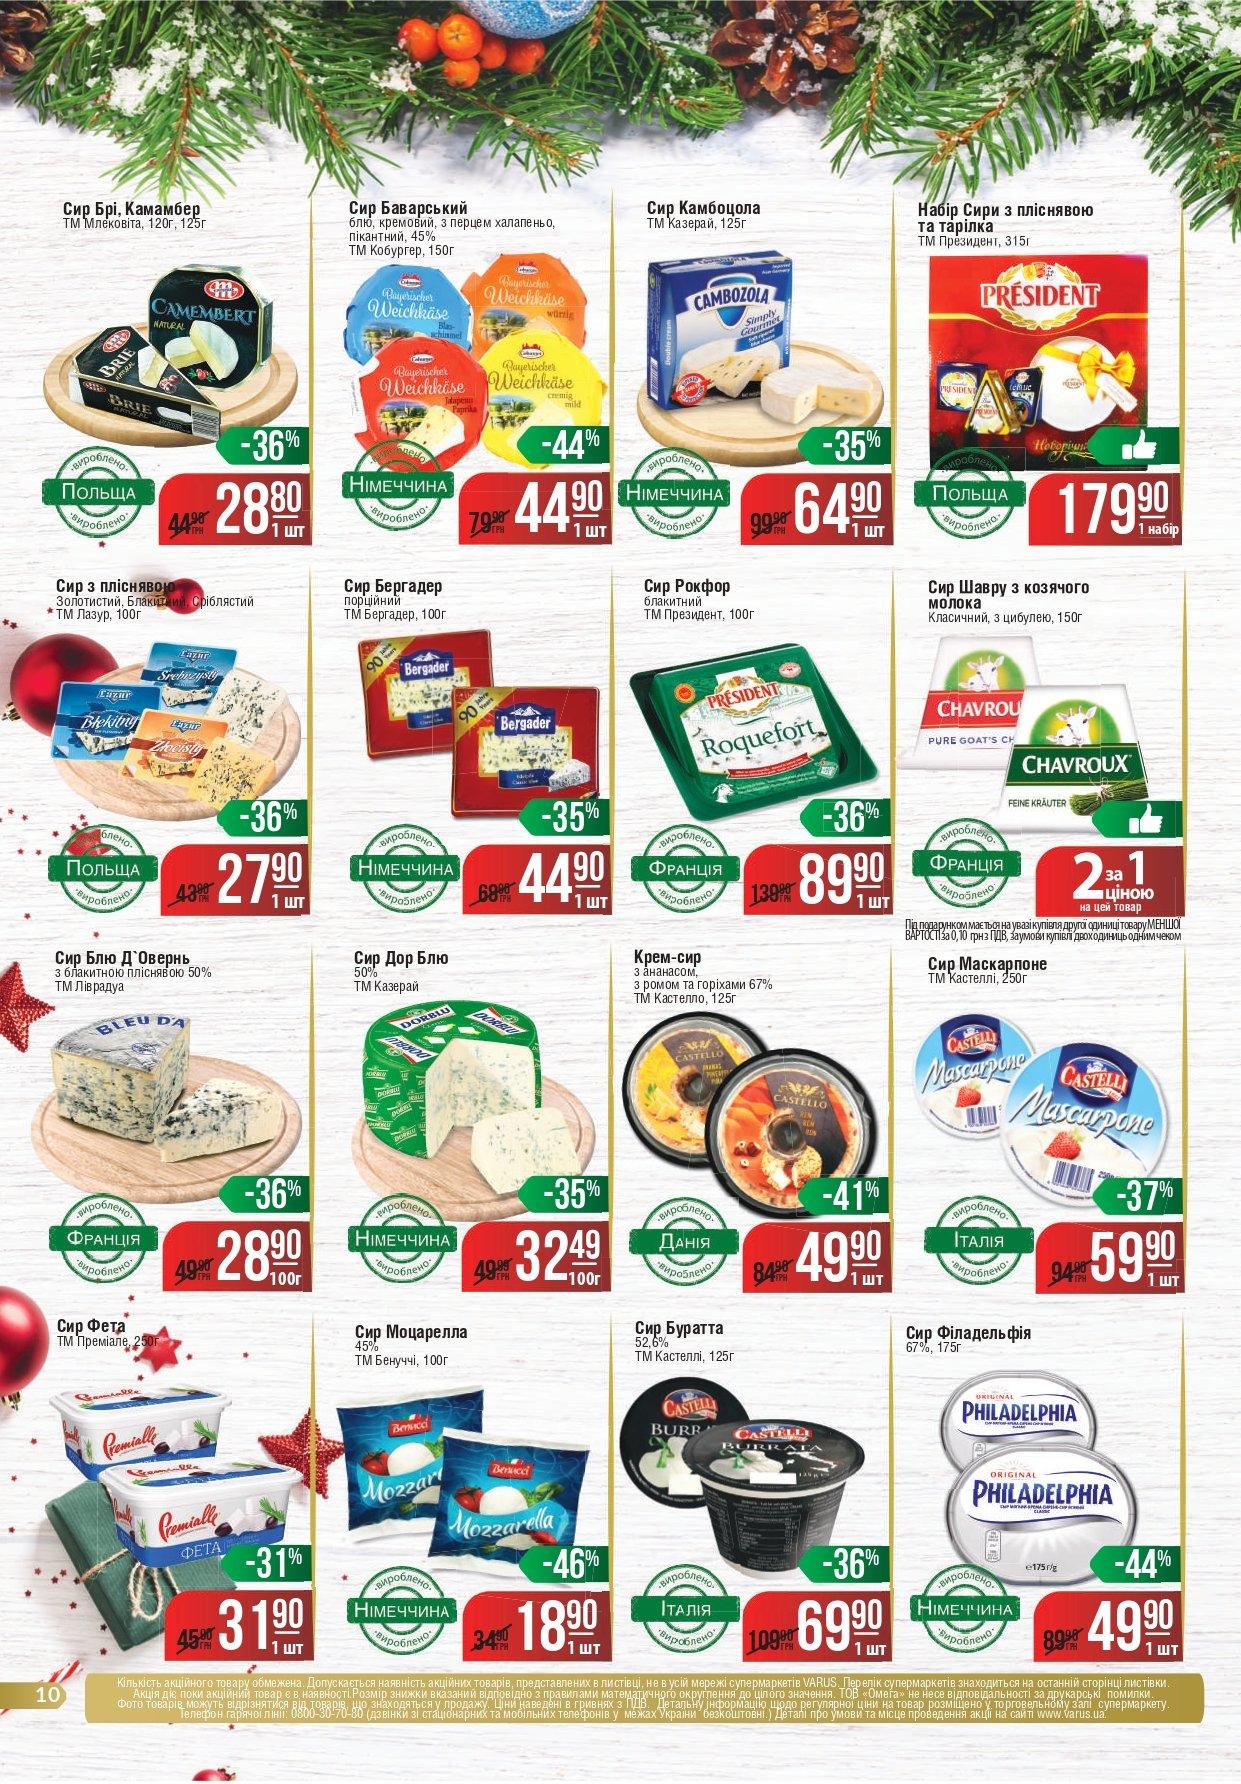 Делаем покупки к Новому Году: какие акции действуют в супермаркетах Днепра, - ЦЕНЫ, фото-39